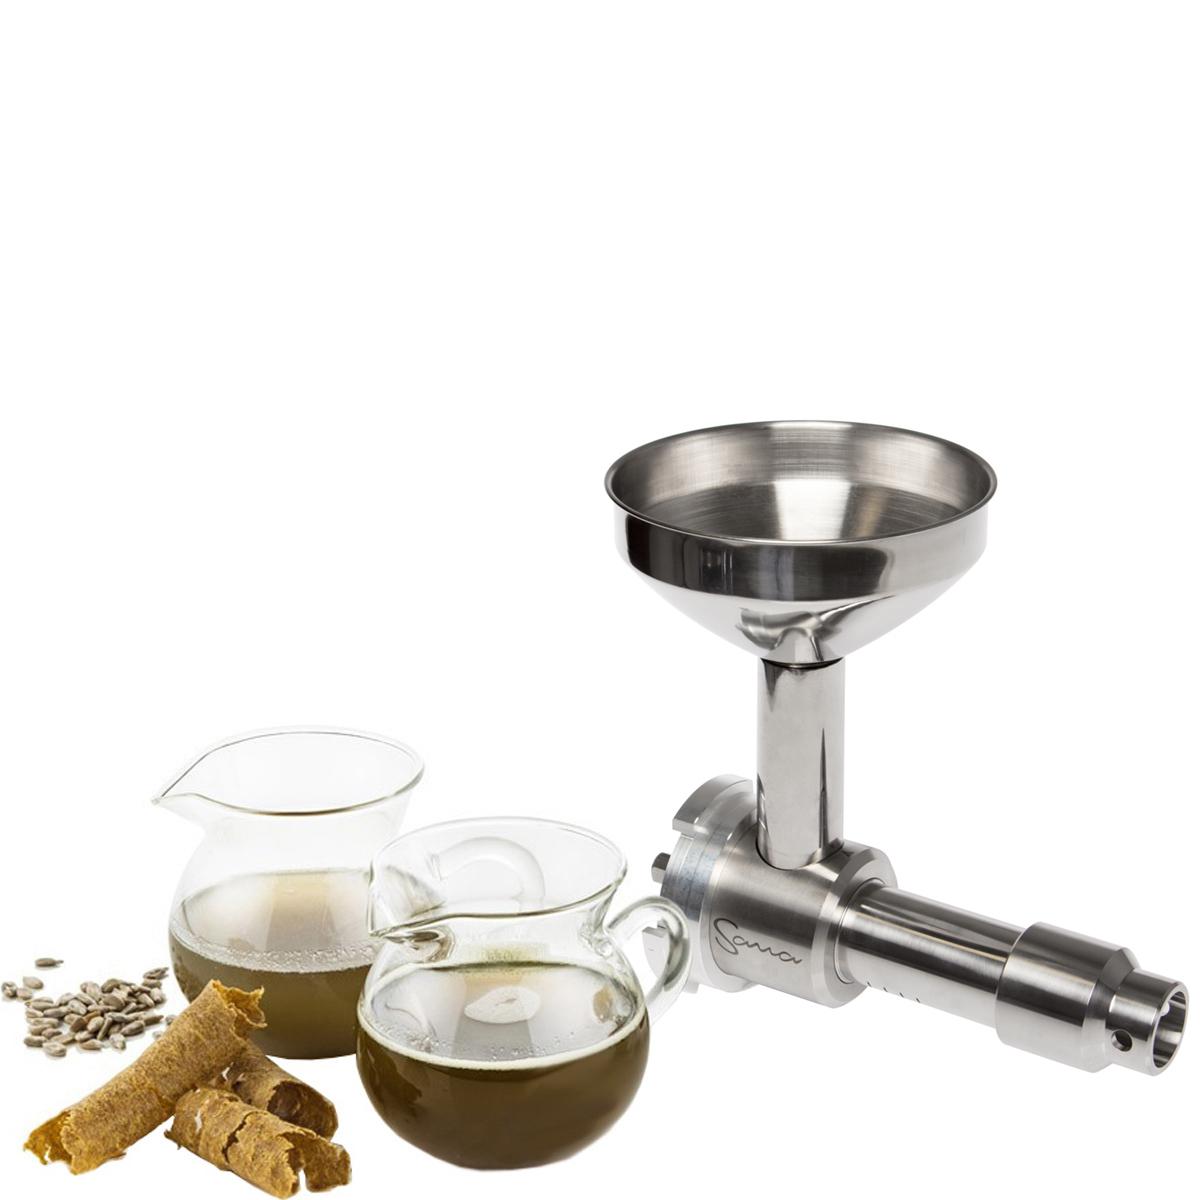 Маслопрессы Насадка-маслопресс холодного отжима Sana Oil Extractor EUJ-702 sana-oilpress-702_насадка.jpg